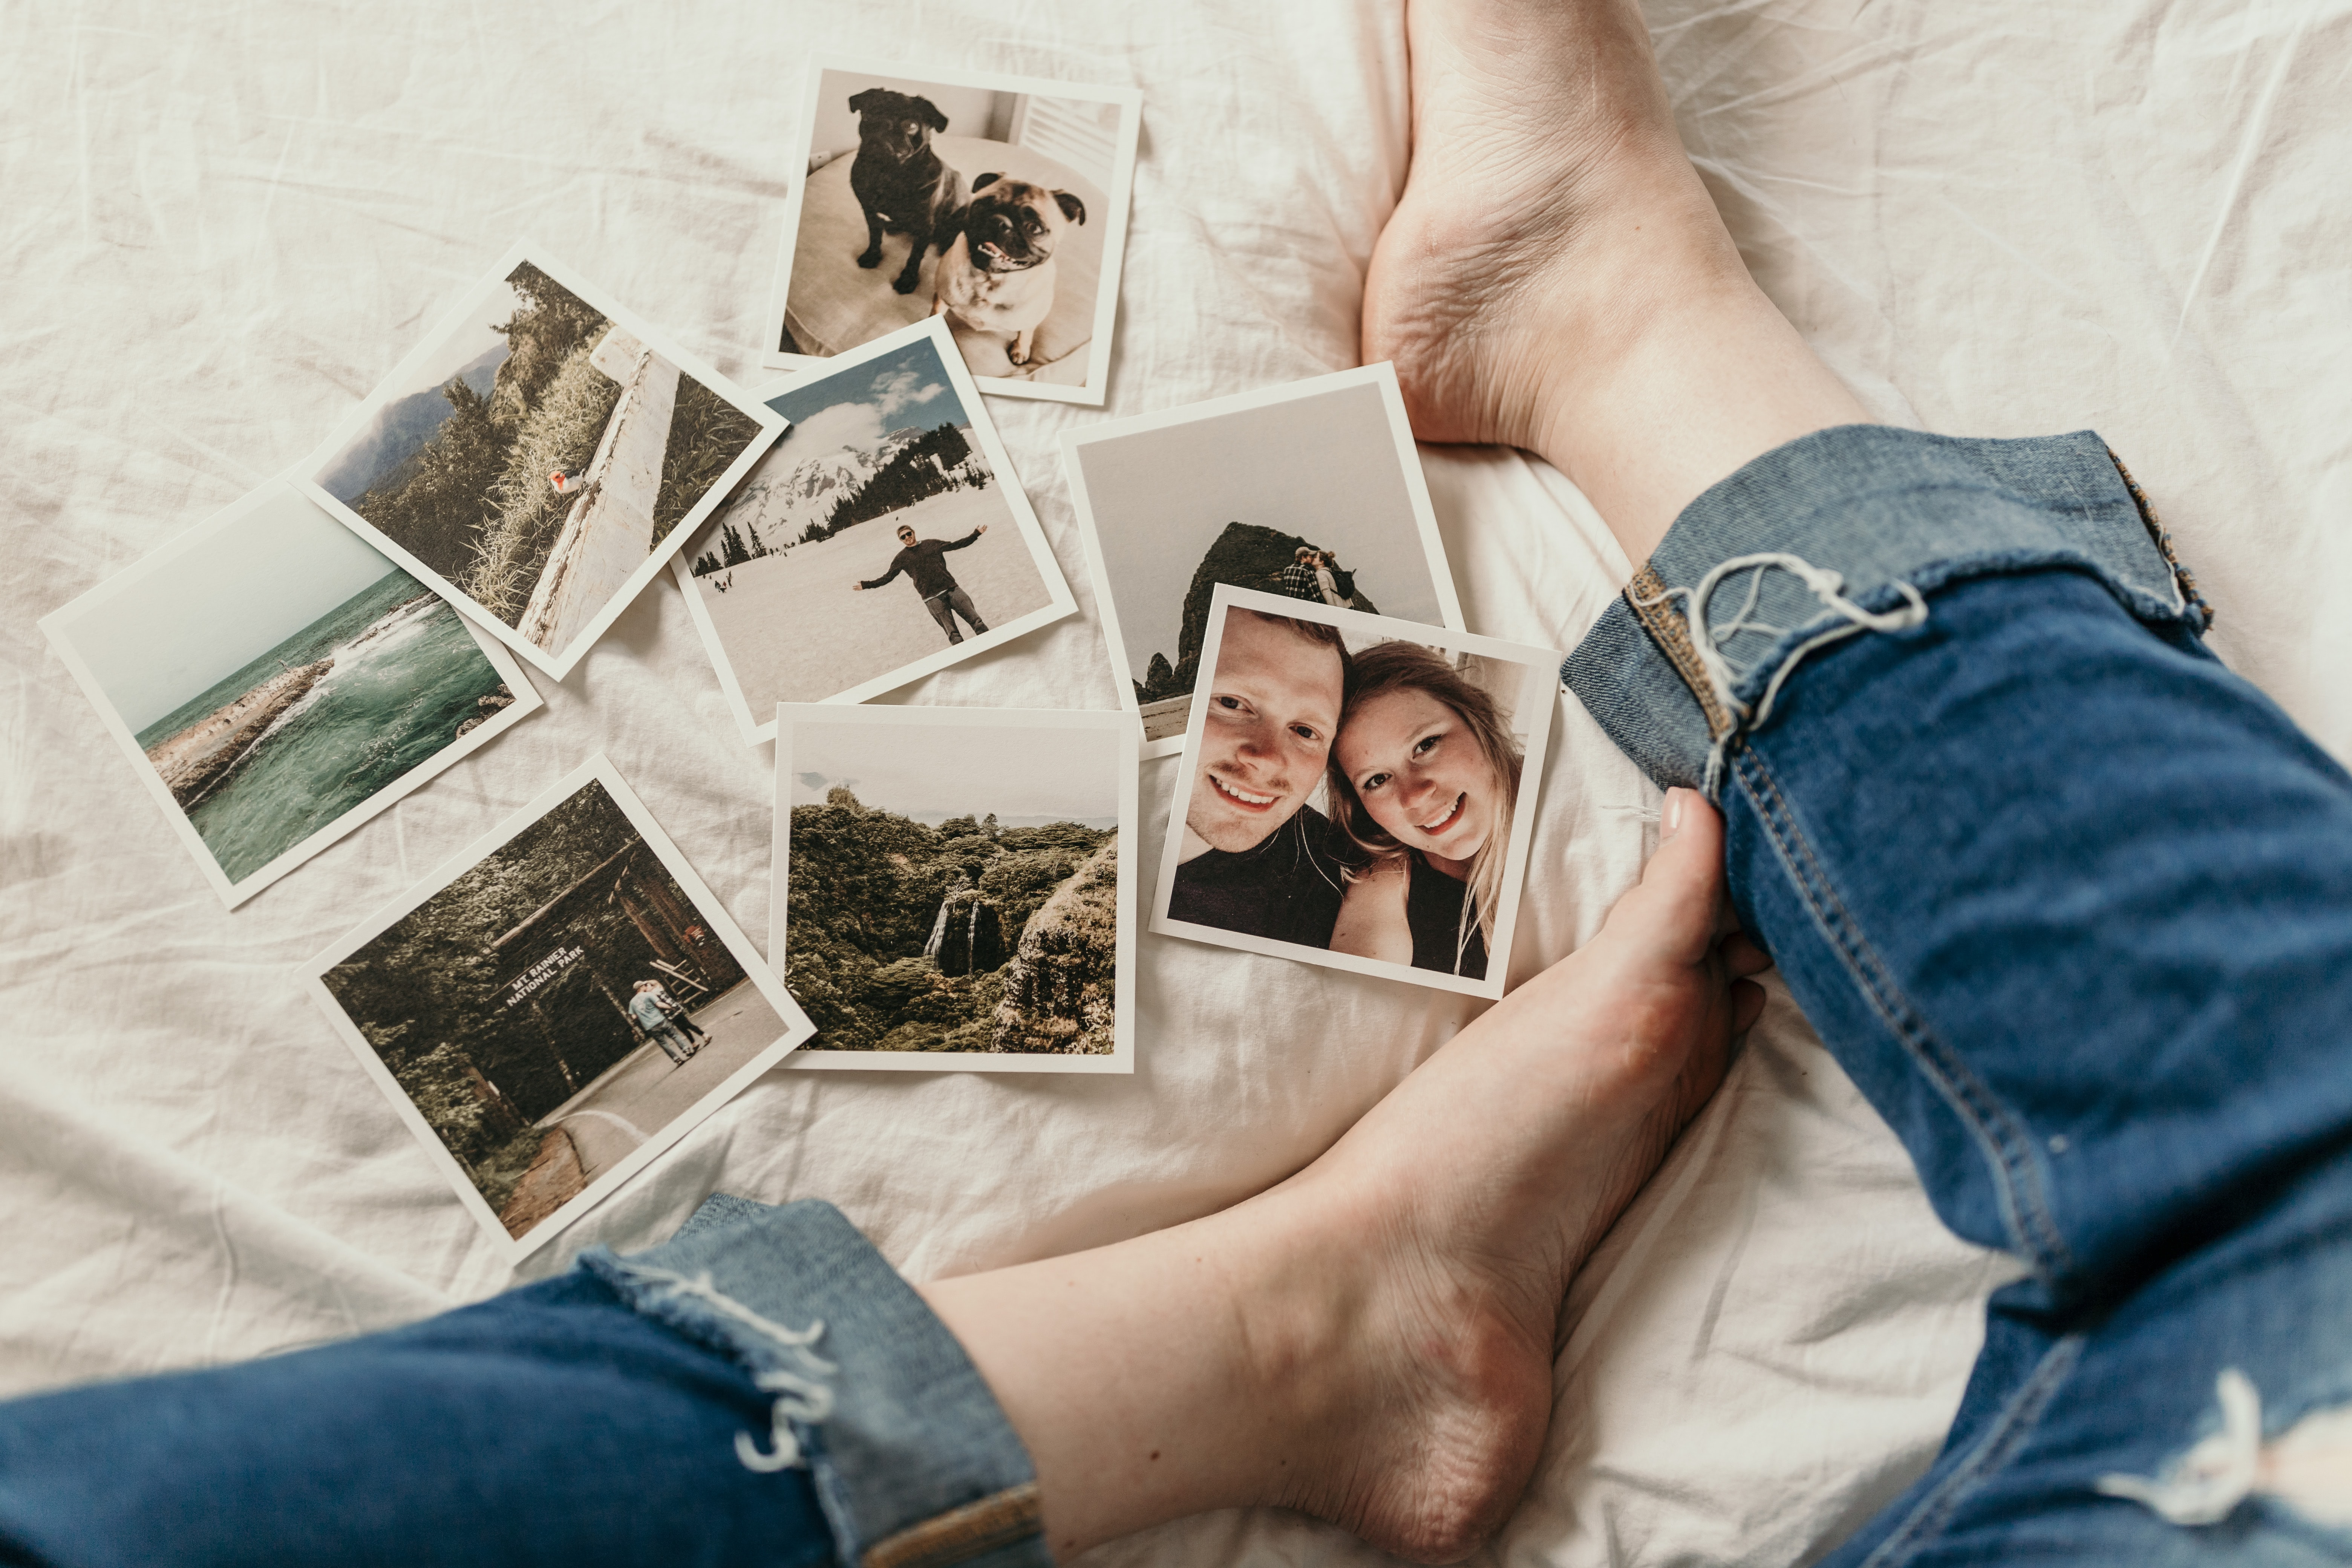 Den bedste gave er en flot fotobog